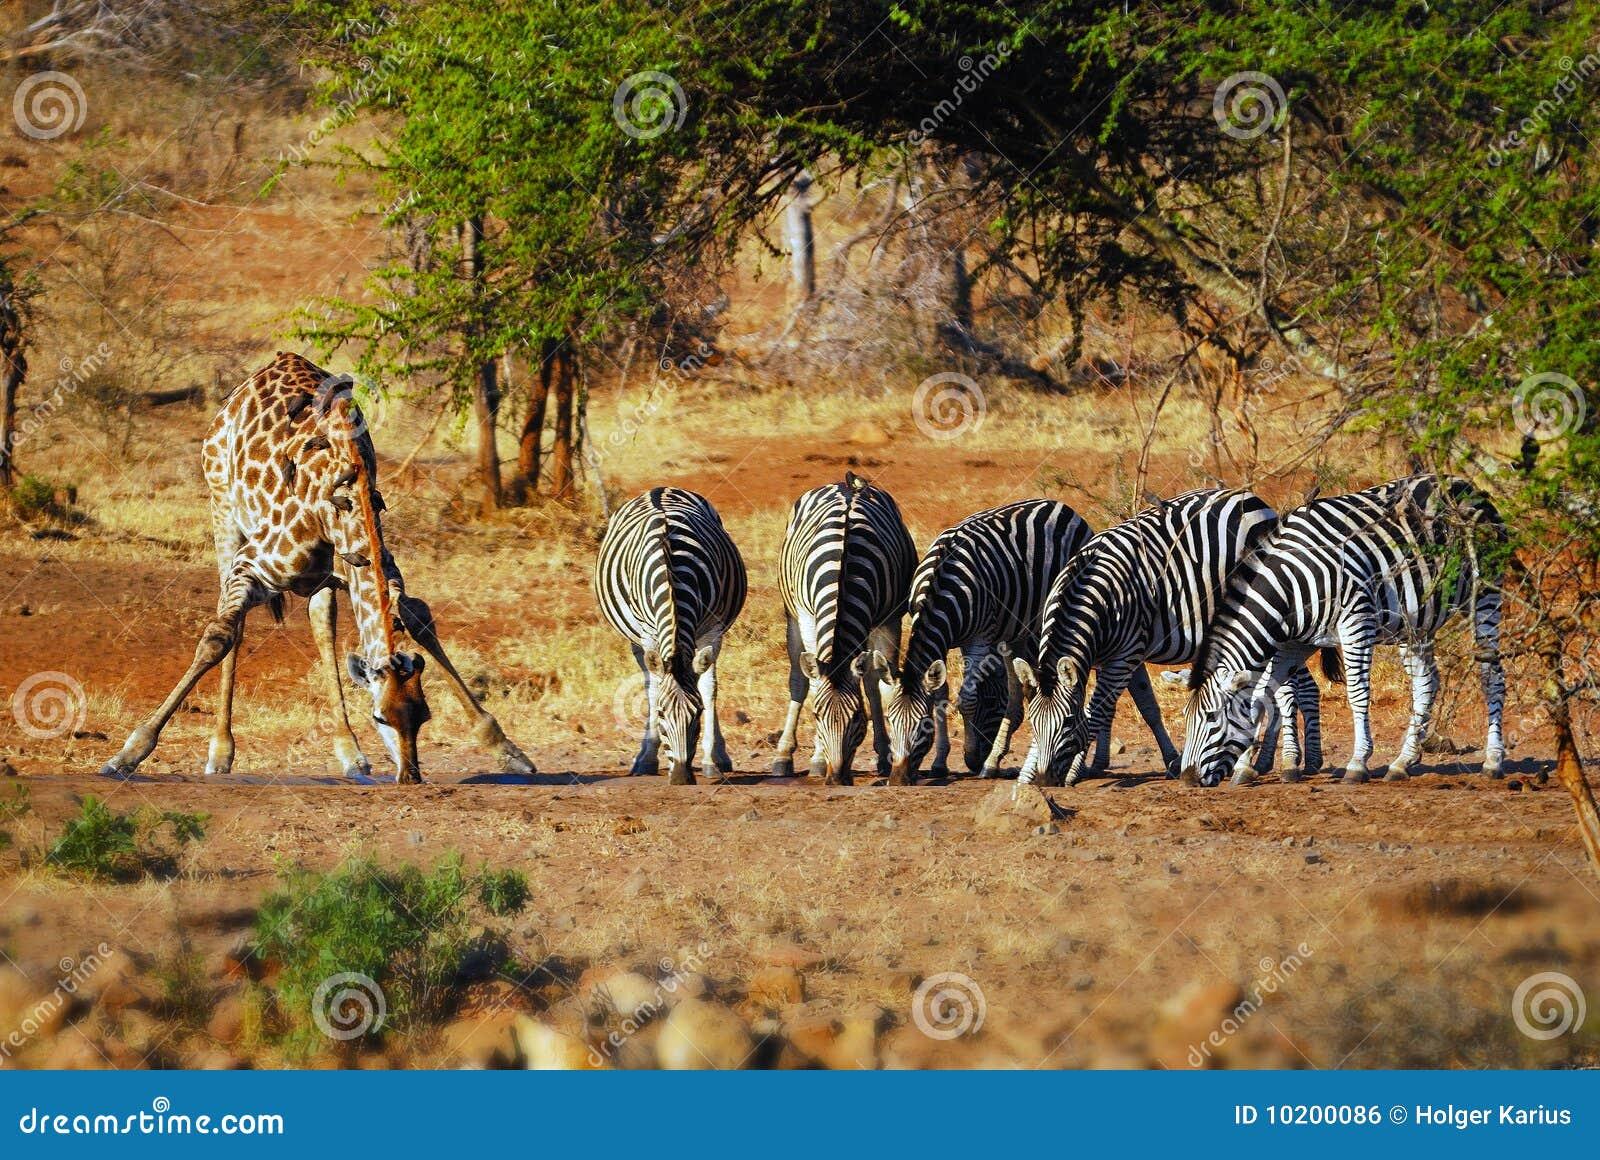 Waterhole du sud de l Afrique